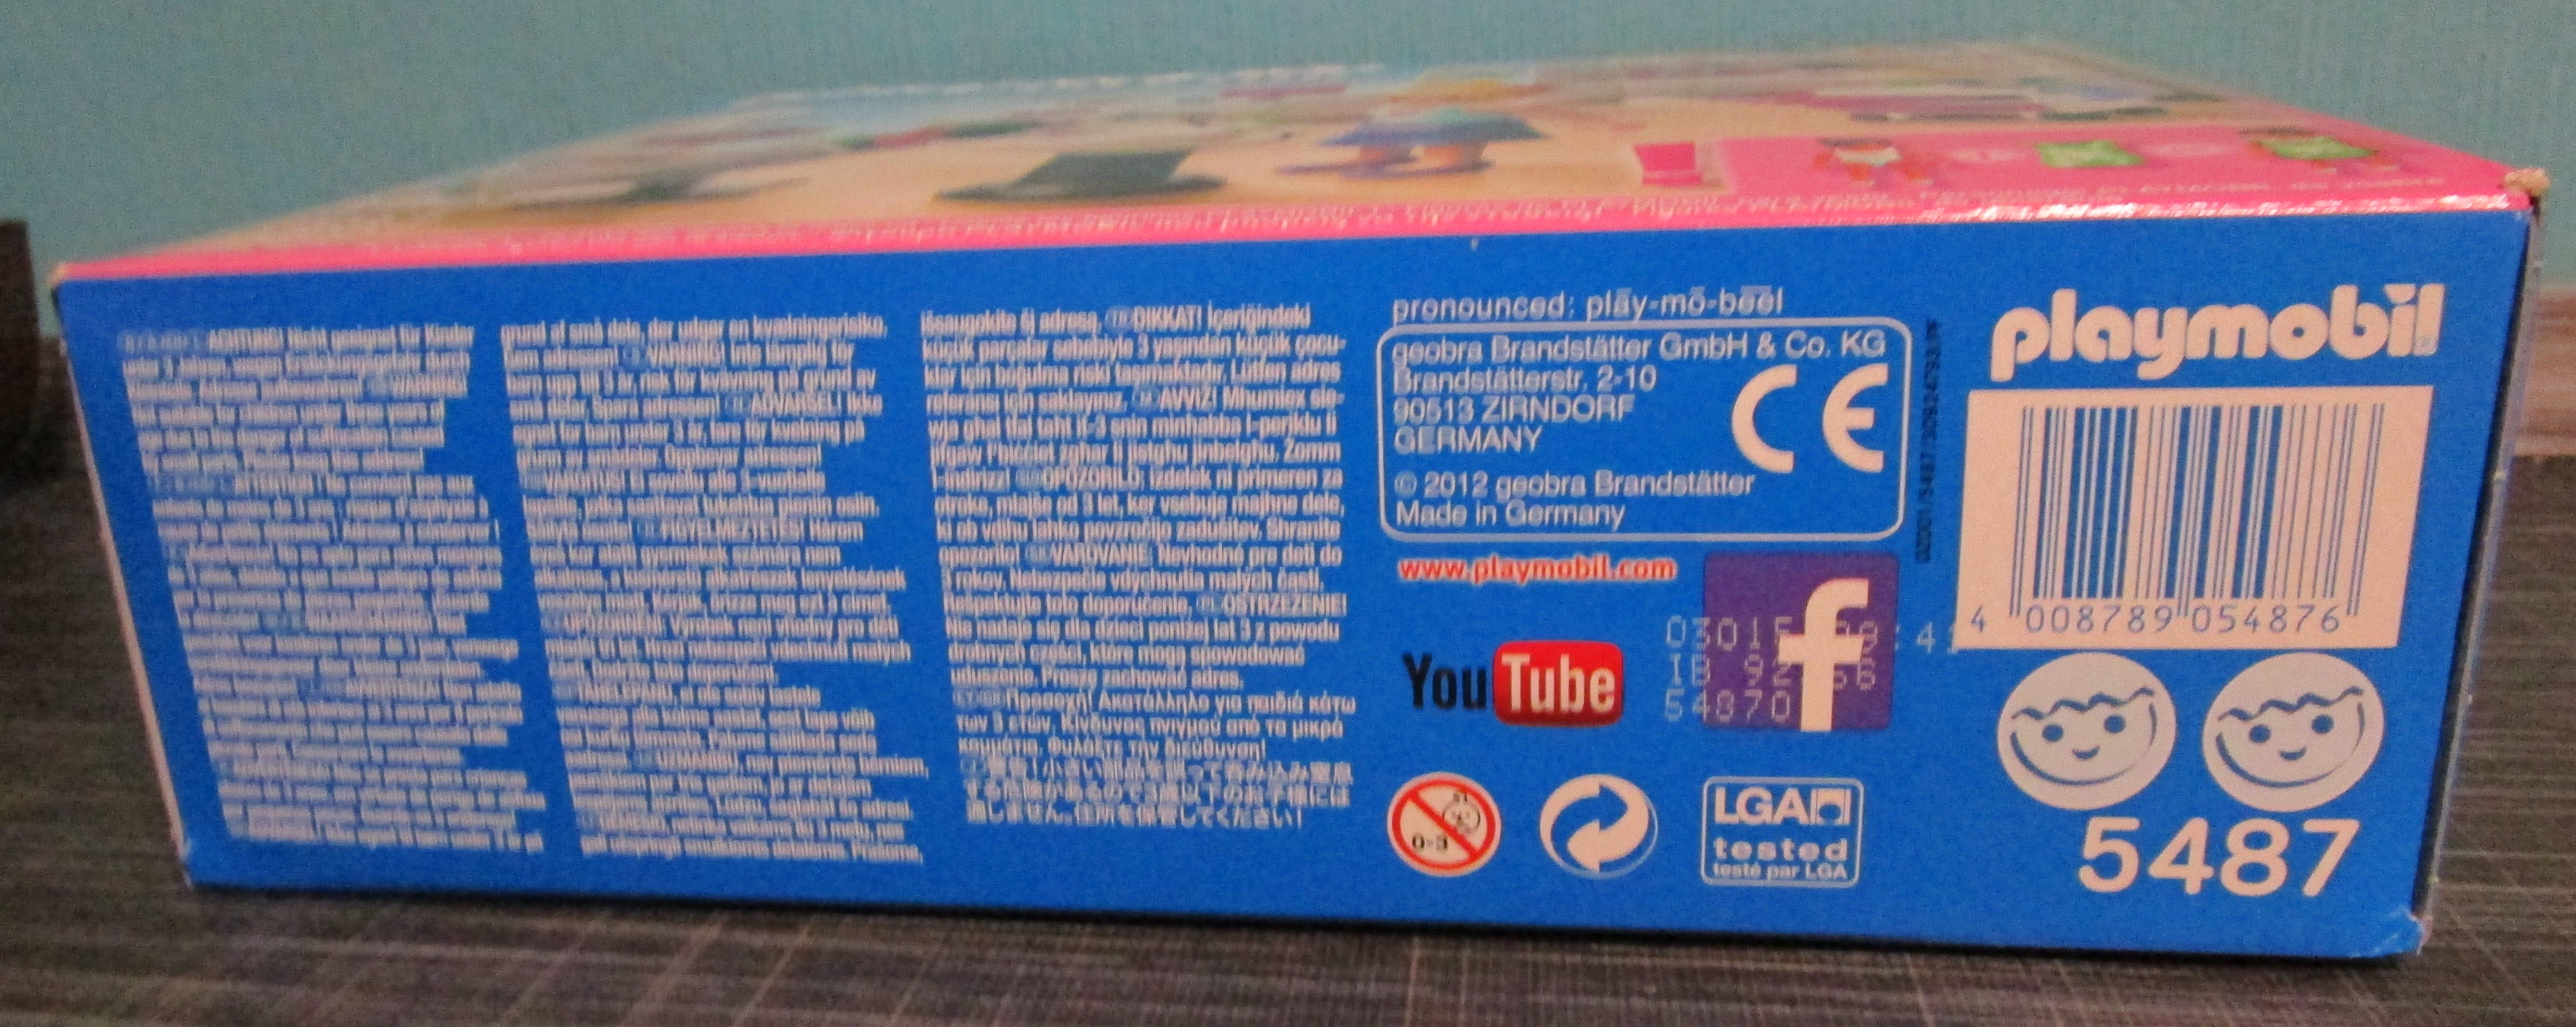 Playmobil 5487 Friseur Salon Seite 2 Playmobil Spielzeug im Vergleich: Friseursalon 4413 vs. Beauty Salon 5487   Rollenspiel Waschen, schneiden, fönen   bitte